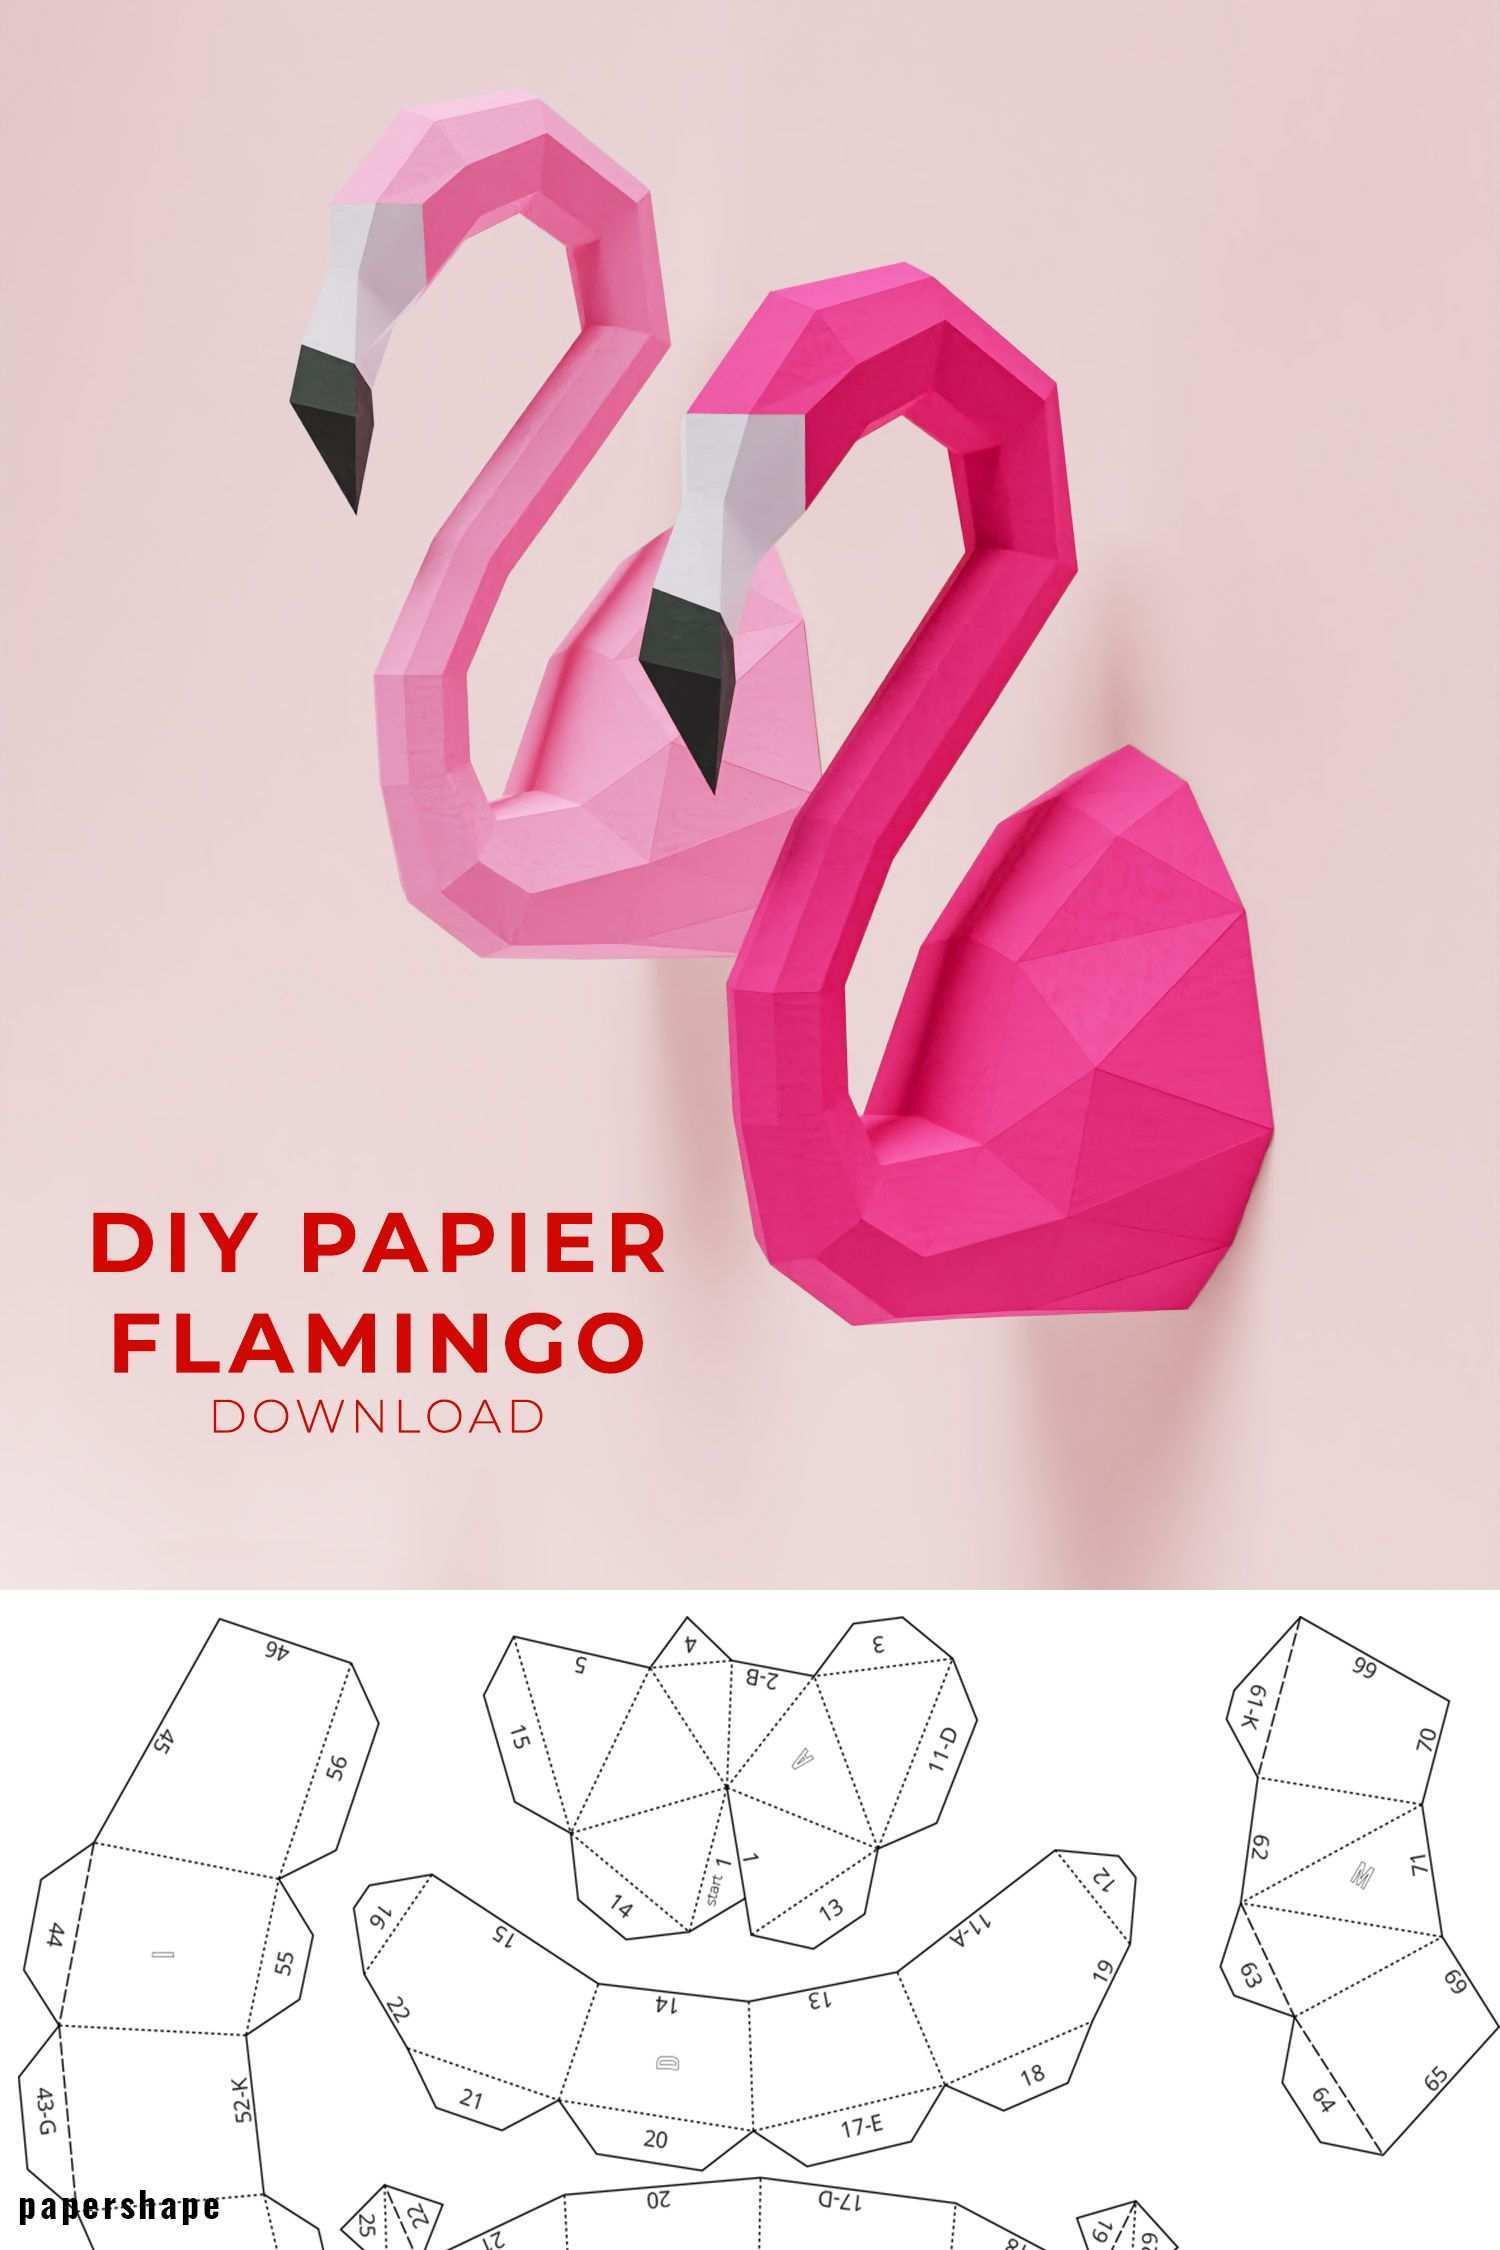 Flamingo Papier Basteln Ideen Basteln Mit Papier Anleitung 3d Papier Handwerk